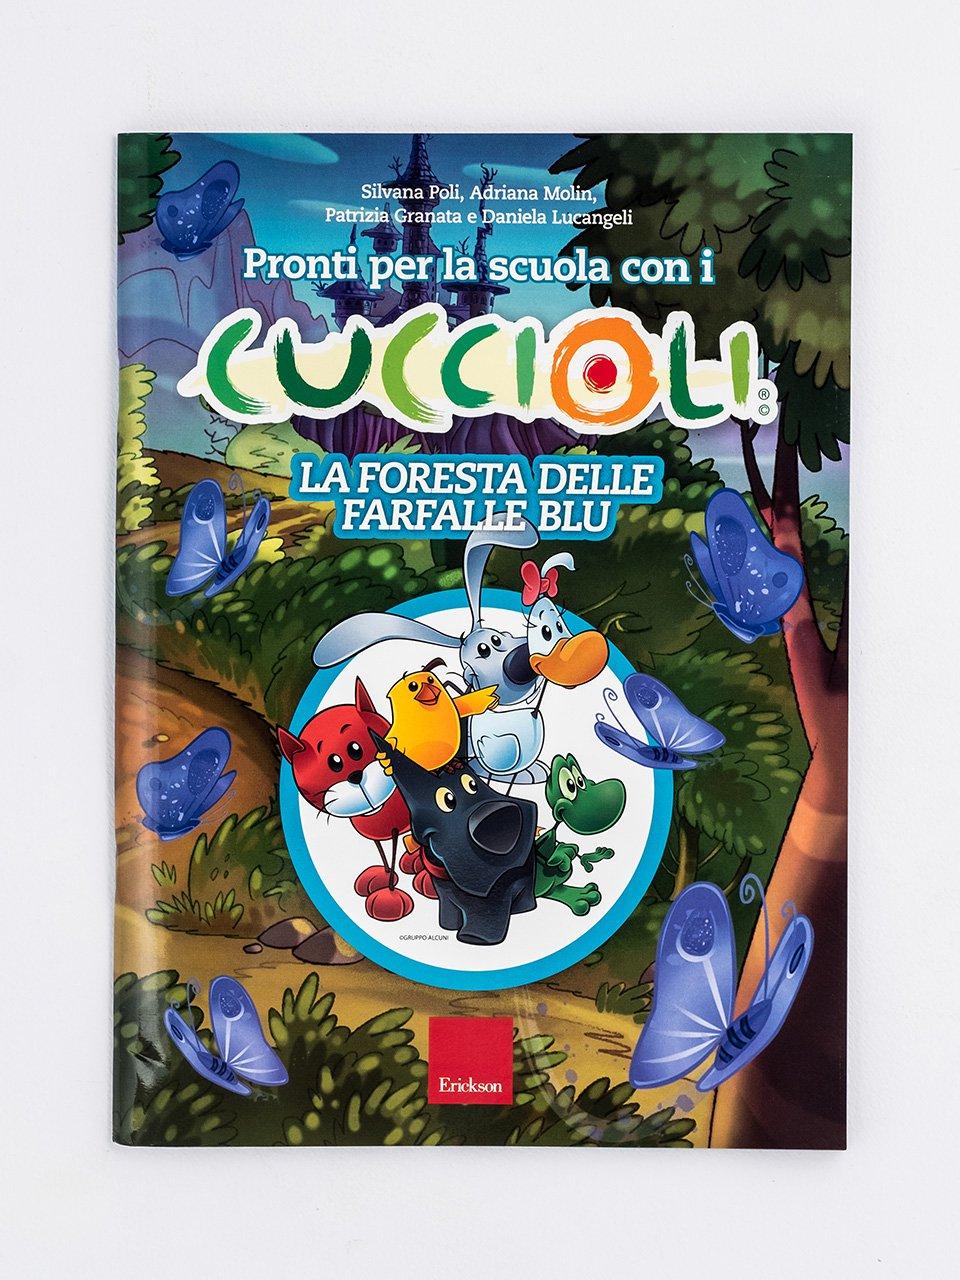 Pronti per la scuola con i CUCCIOLI - La foresta delle farfalle blu - Orazio, un pasticciere nello spazio - App e software - Erickson